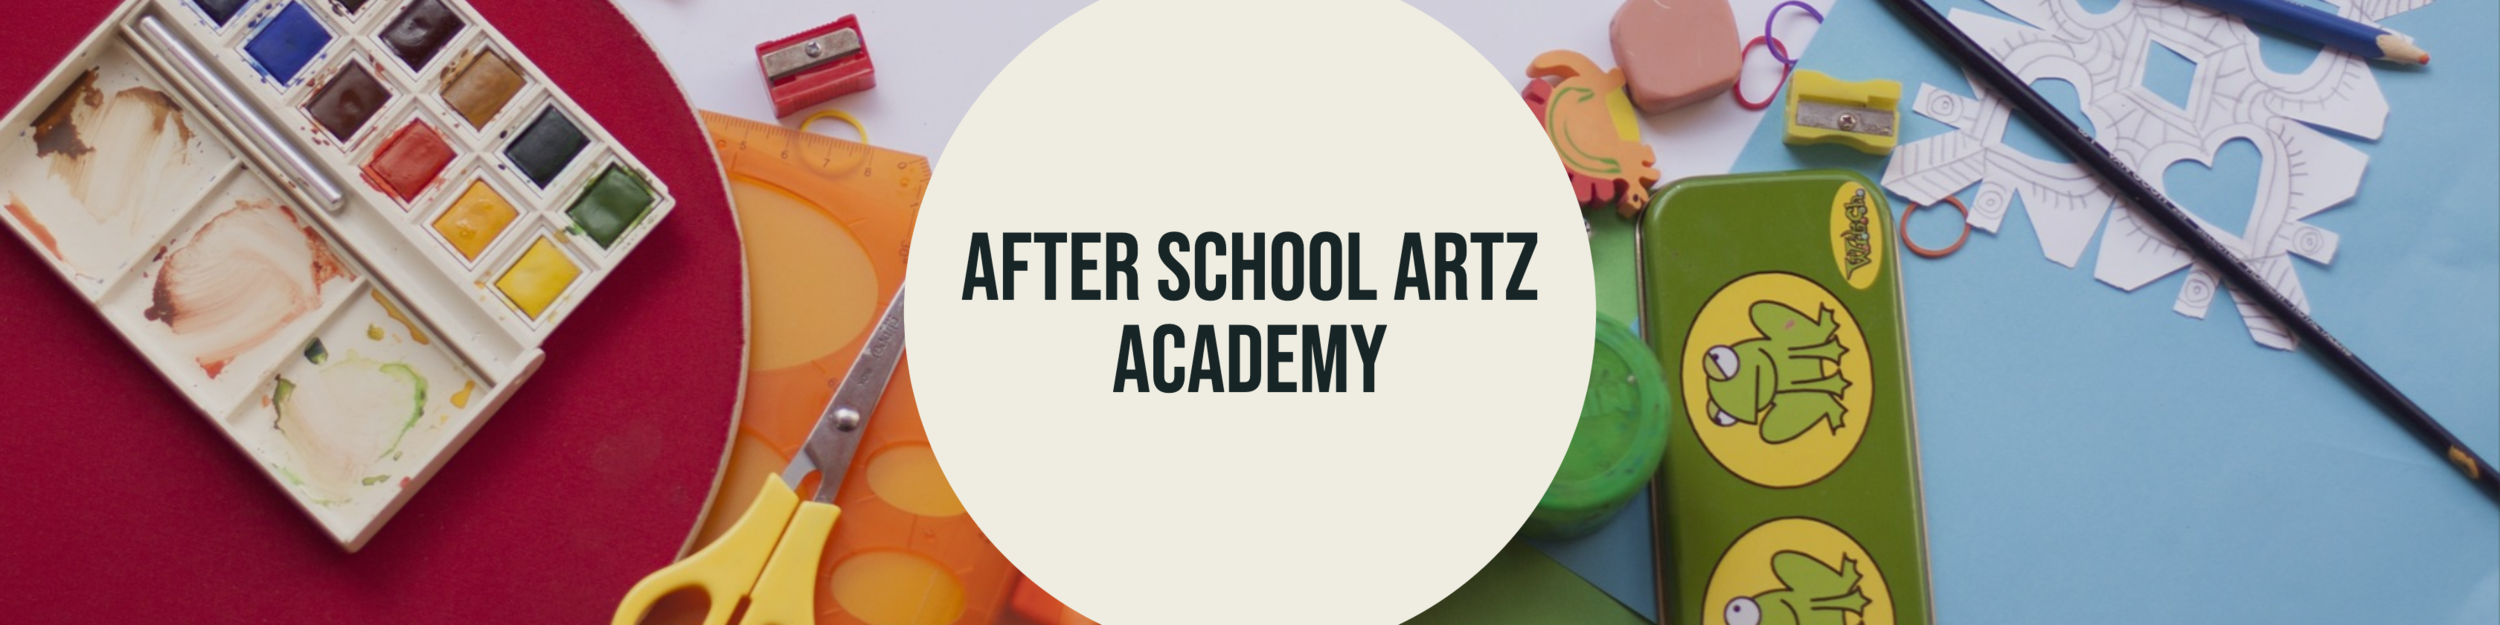 After School Artz Academy.png